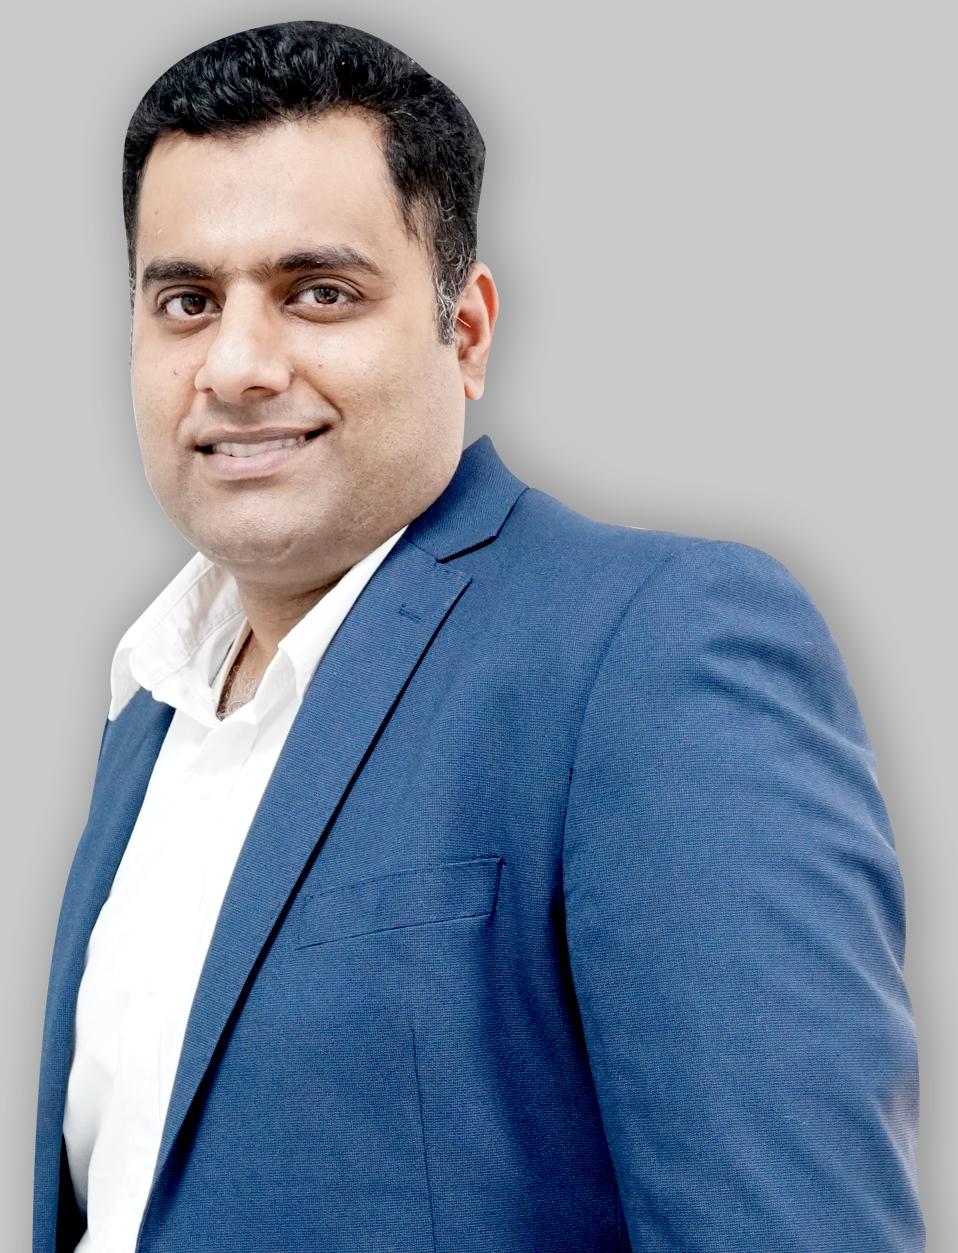 Abdullah Tayyab Farooqi